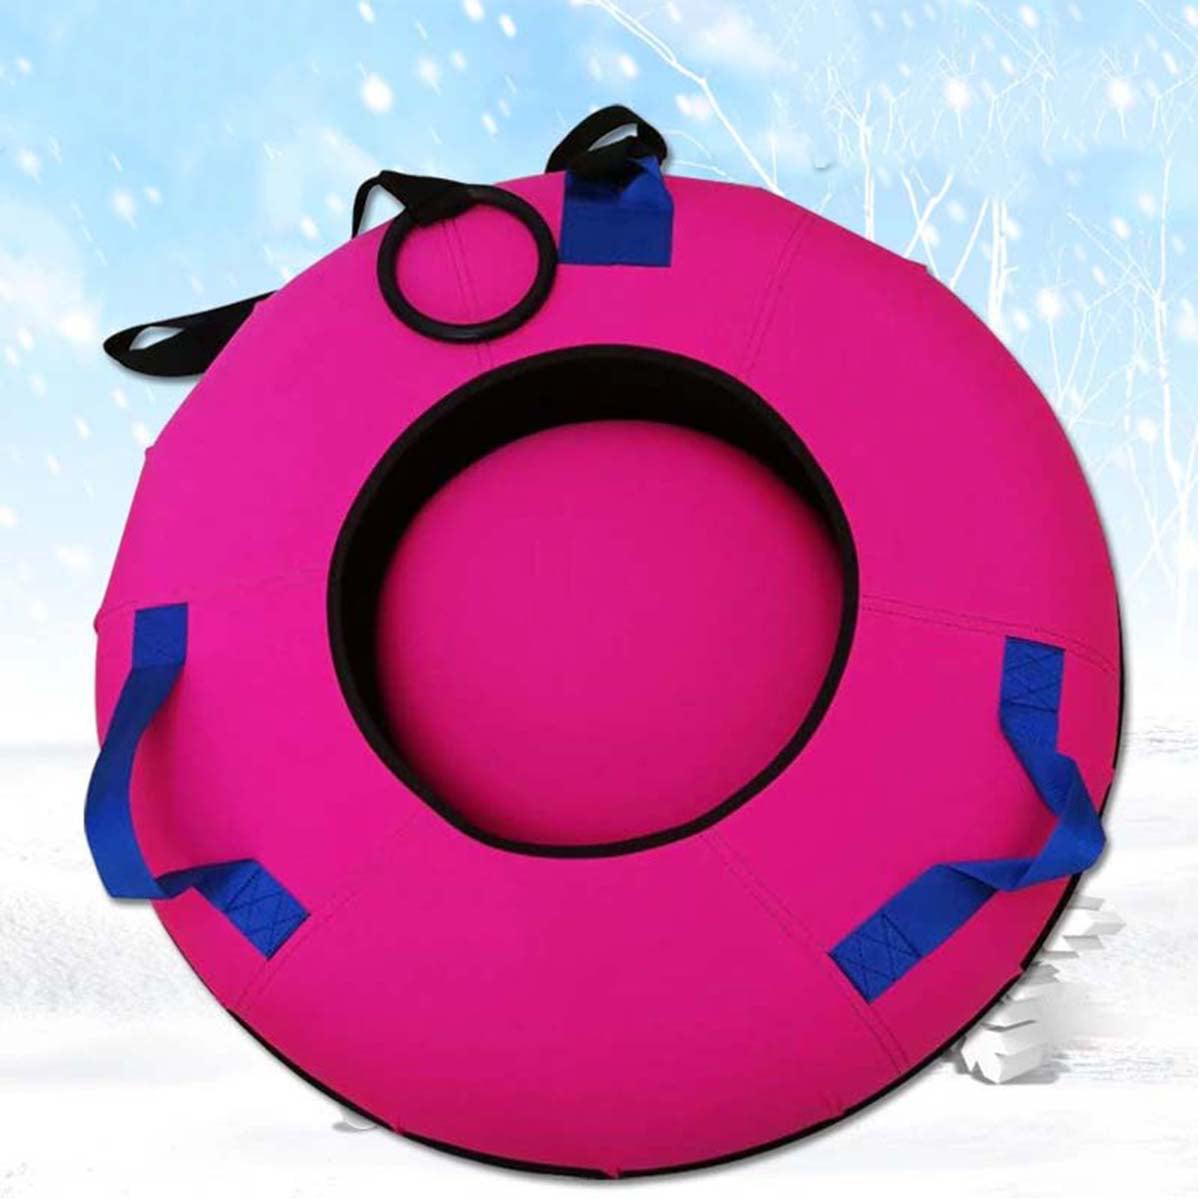 Heavy Duty Snow Tube Sled Huge Rubber Inner Sledding Colored Cover Inflatable Inner Diameter 100cm by